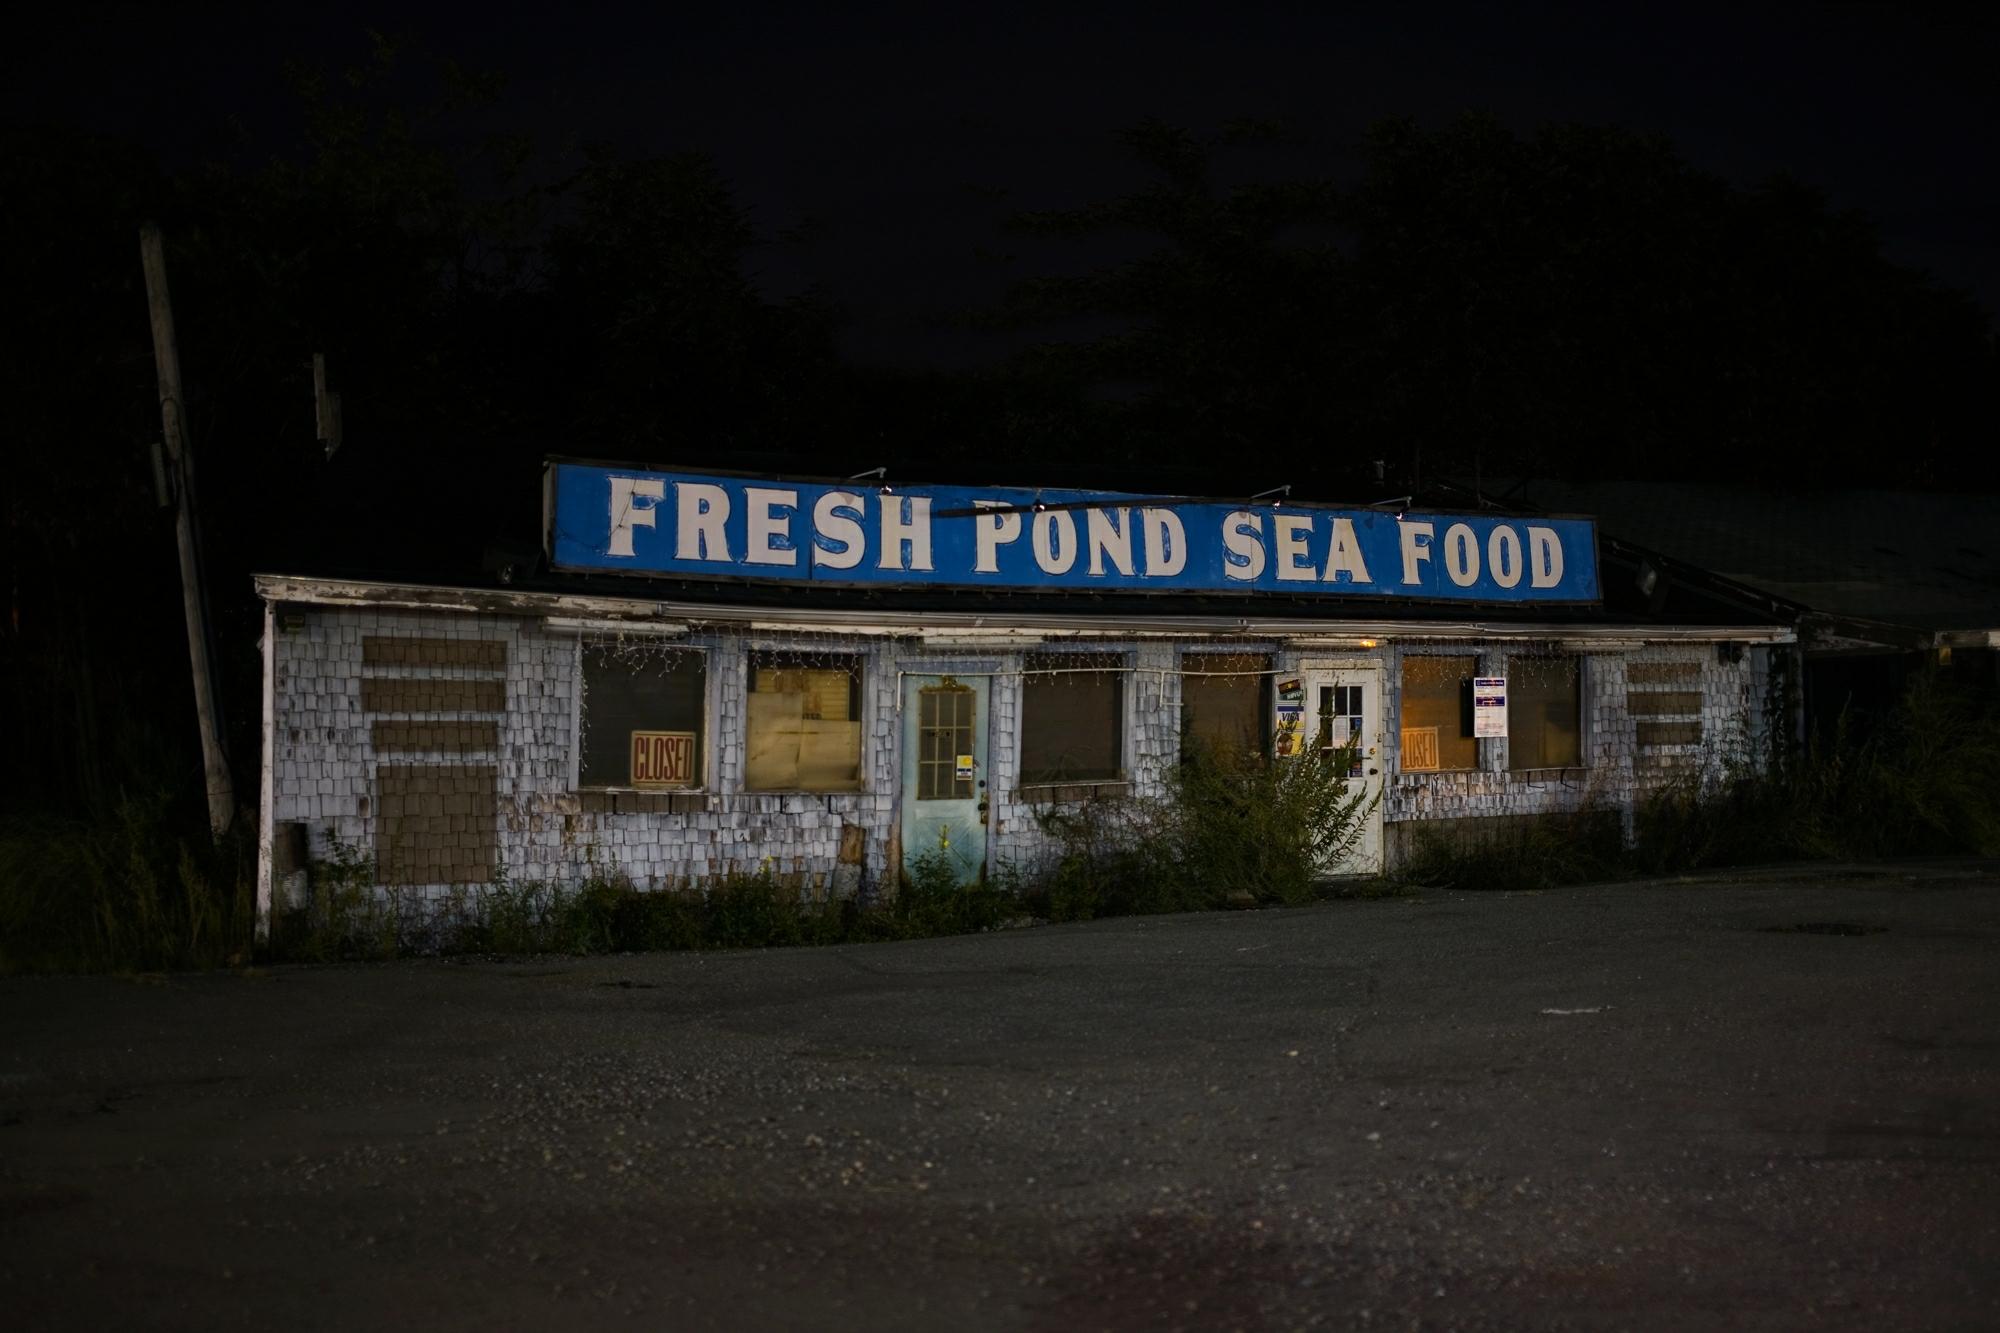 Fresh Pond Sea Food.jpg